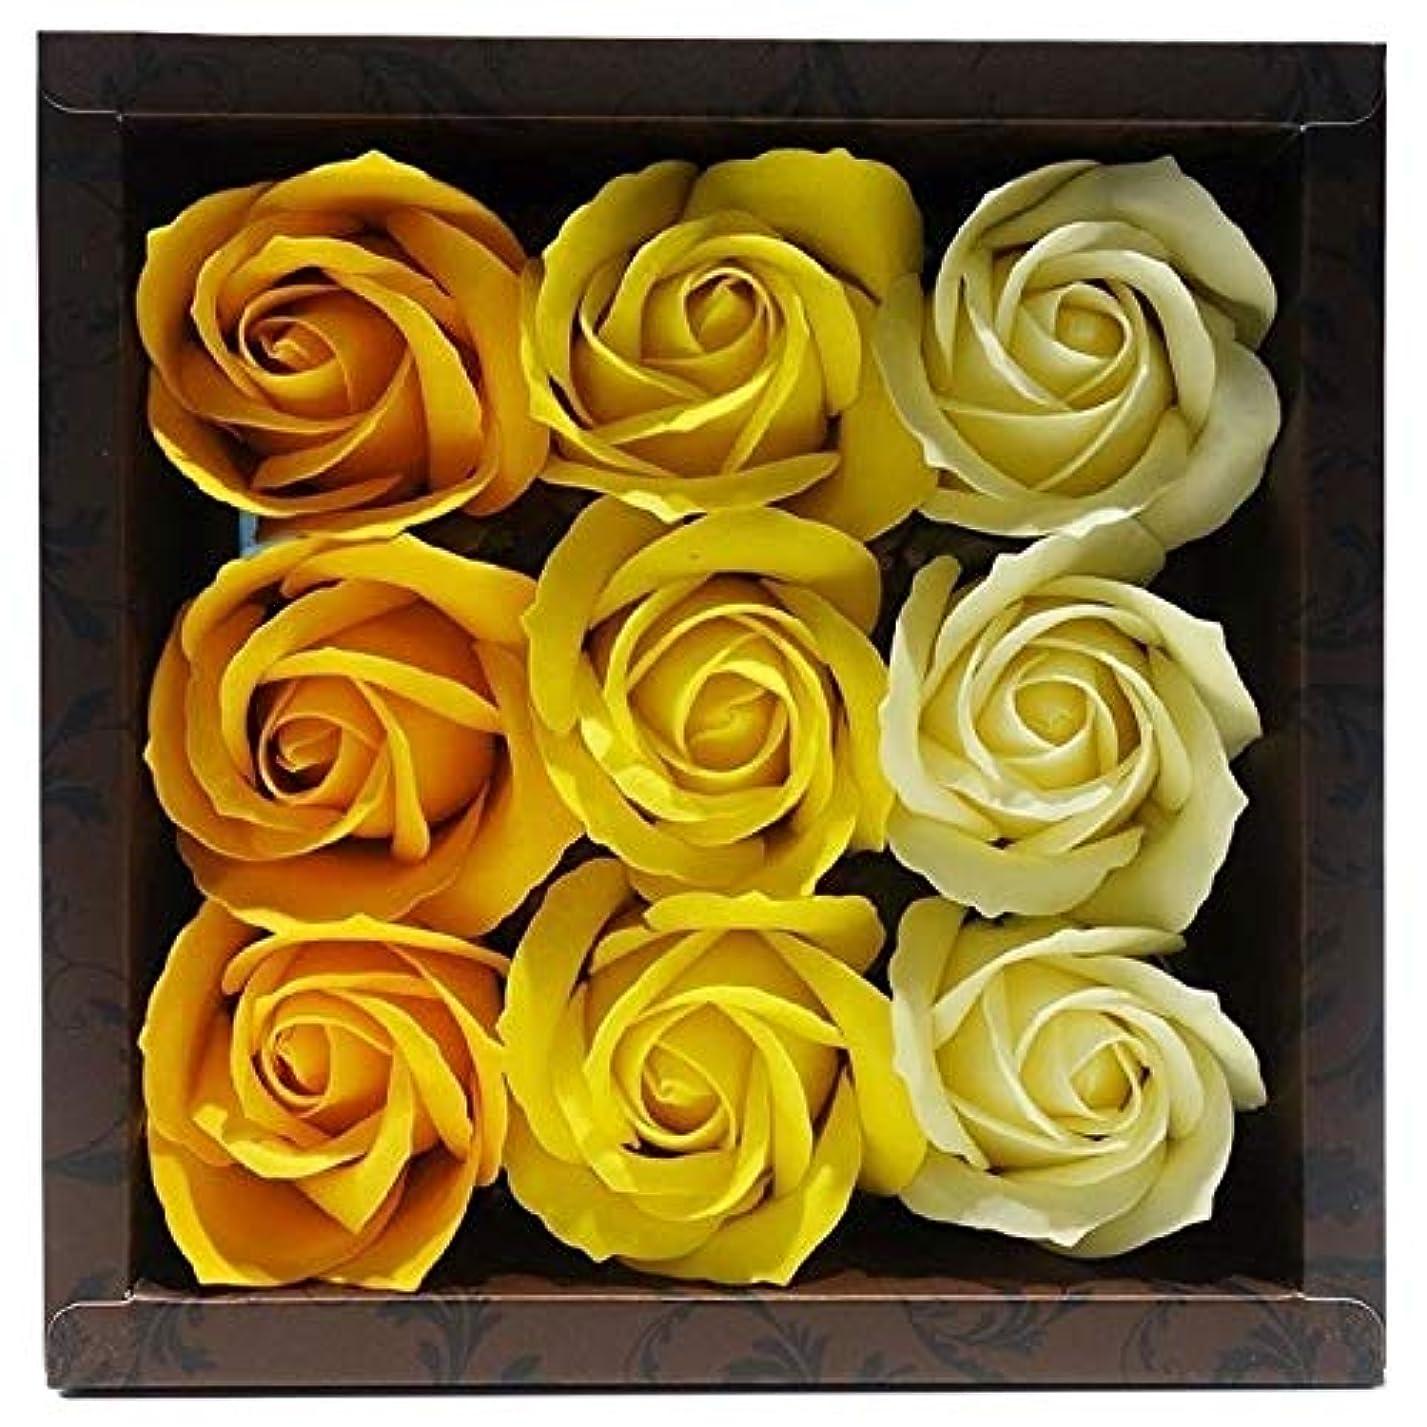 ストレージクスコ移行バスフレグランス バスフラワー ローズフレグランス イエローカラー ギフト お花の形の入浴剤